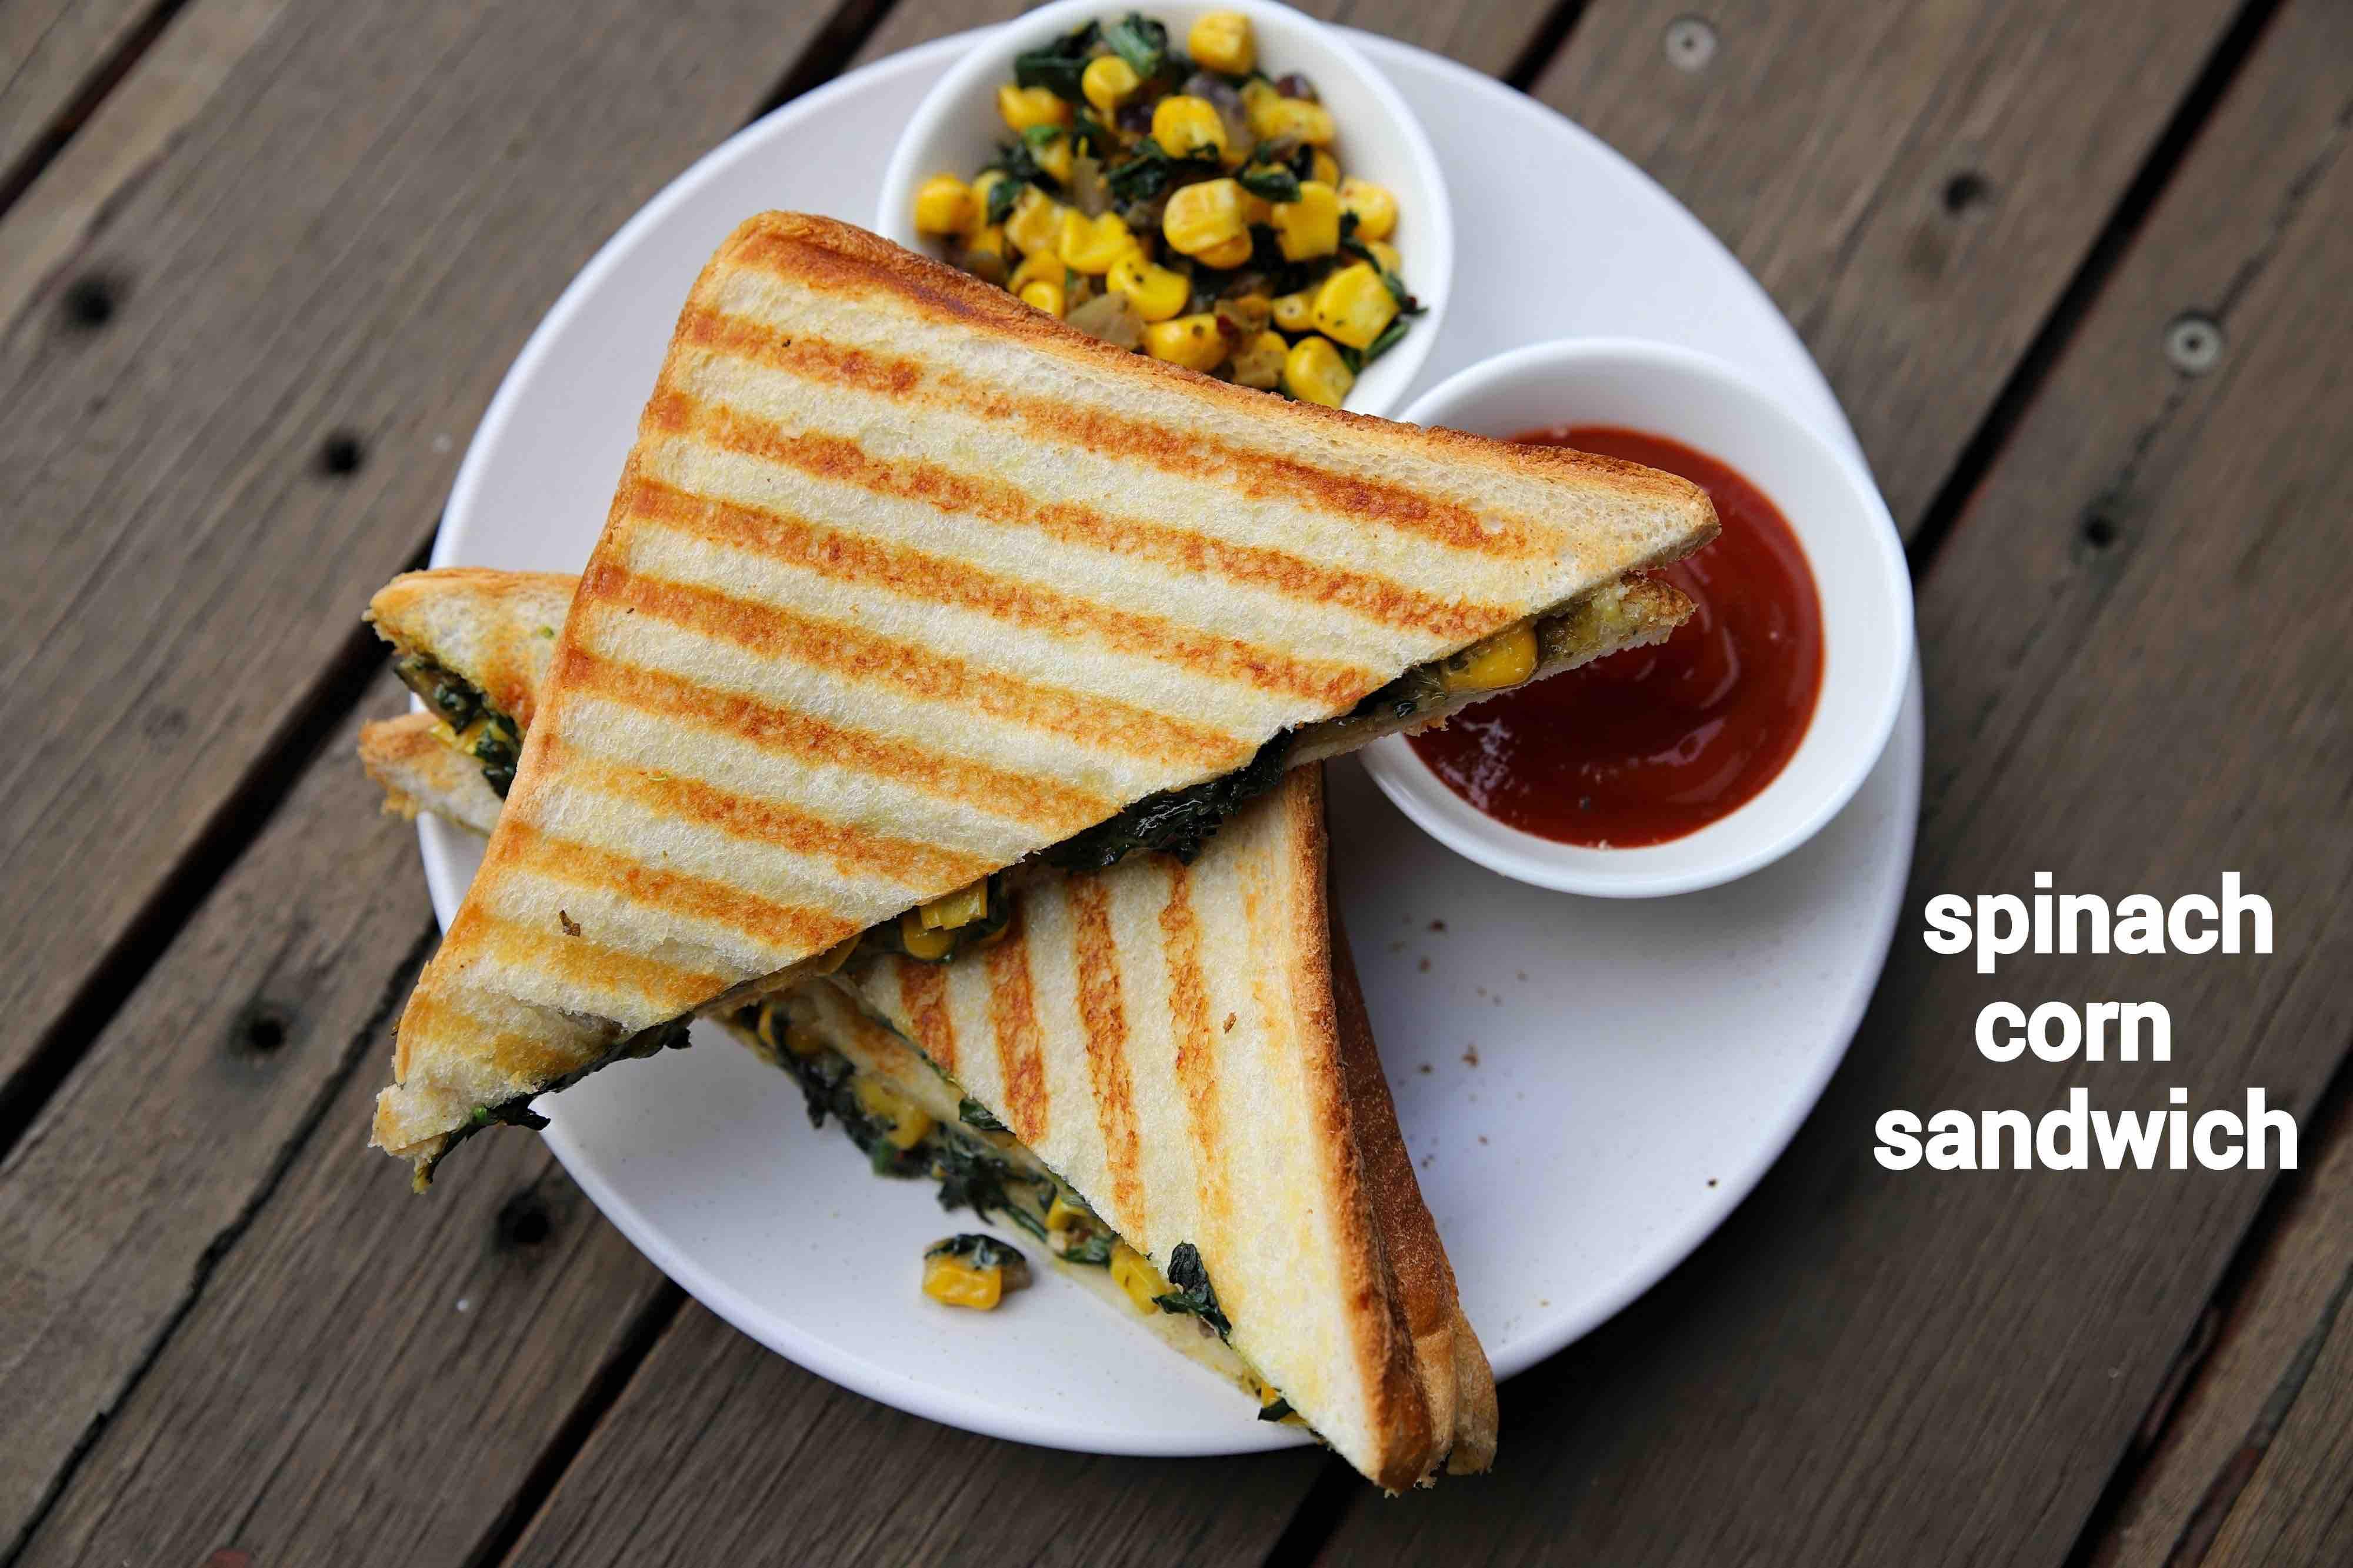 spinach corn sandwich recipe | spinach and corn sandwich recipe